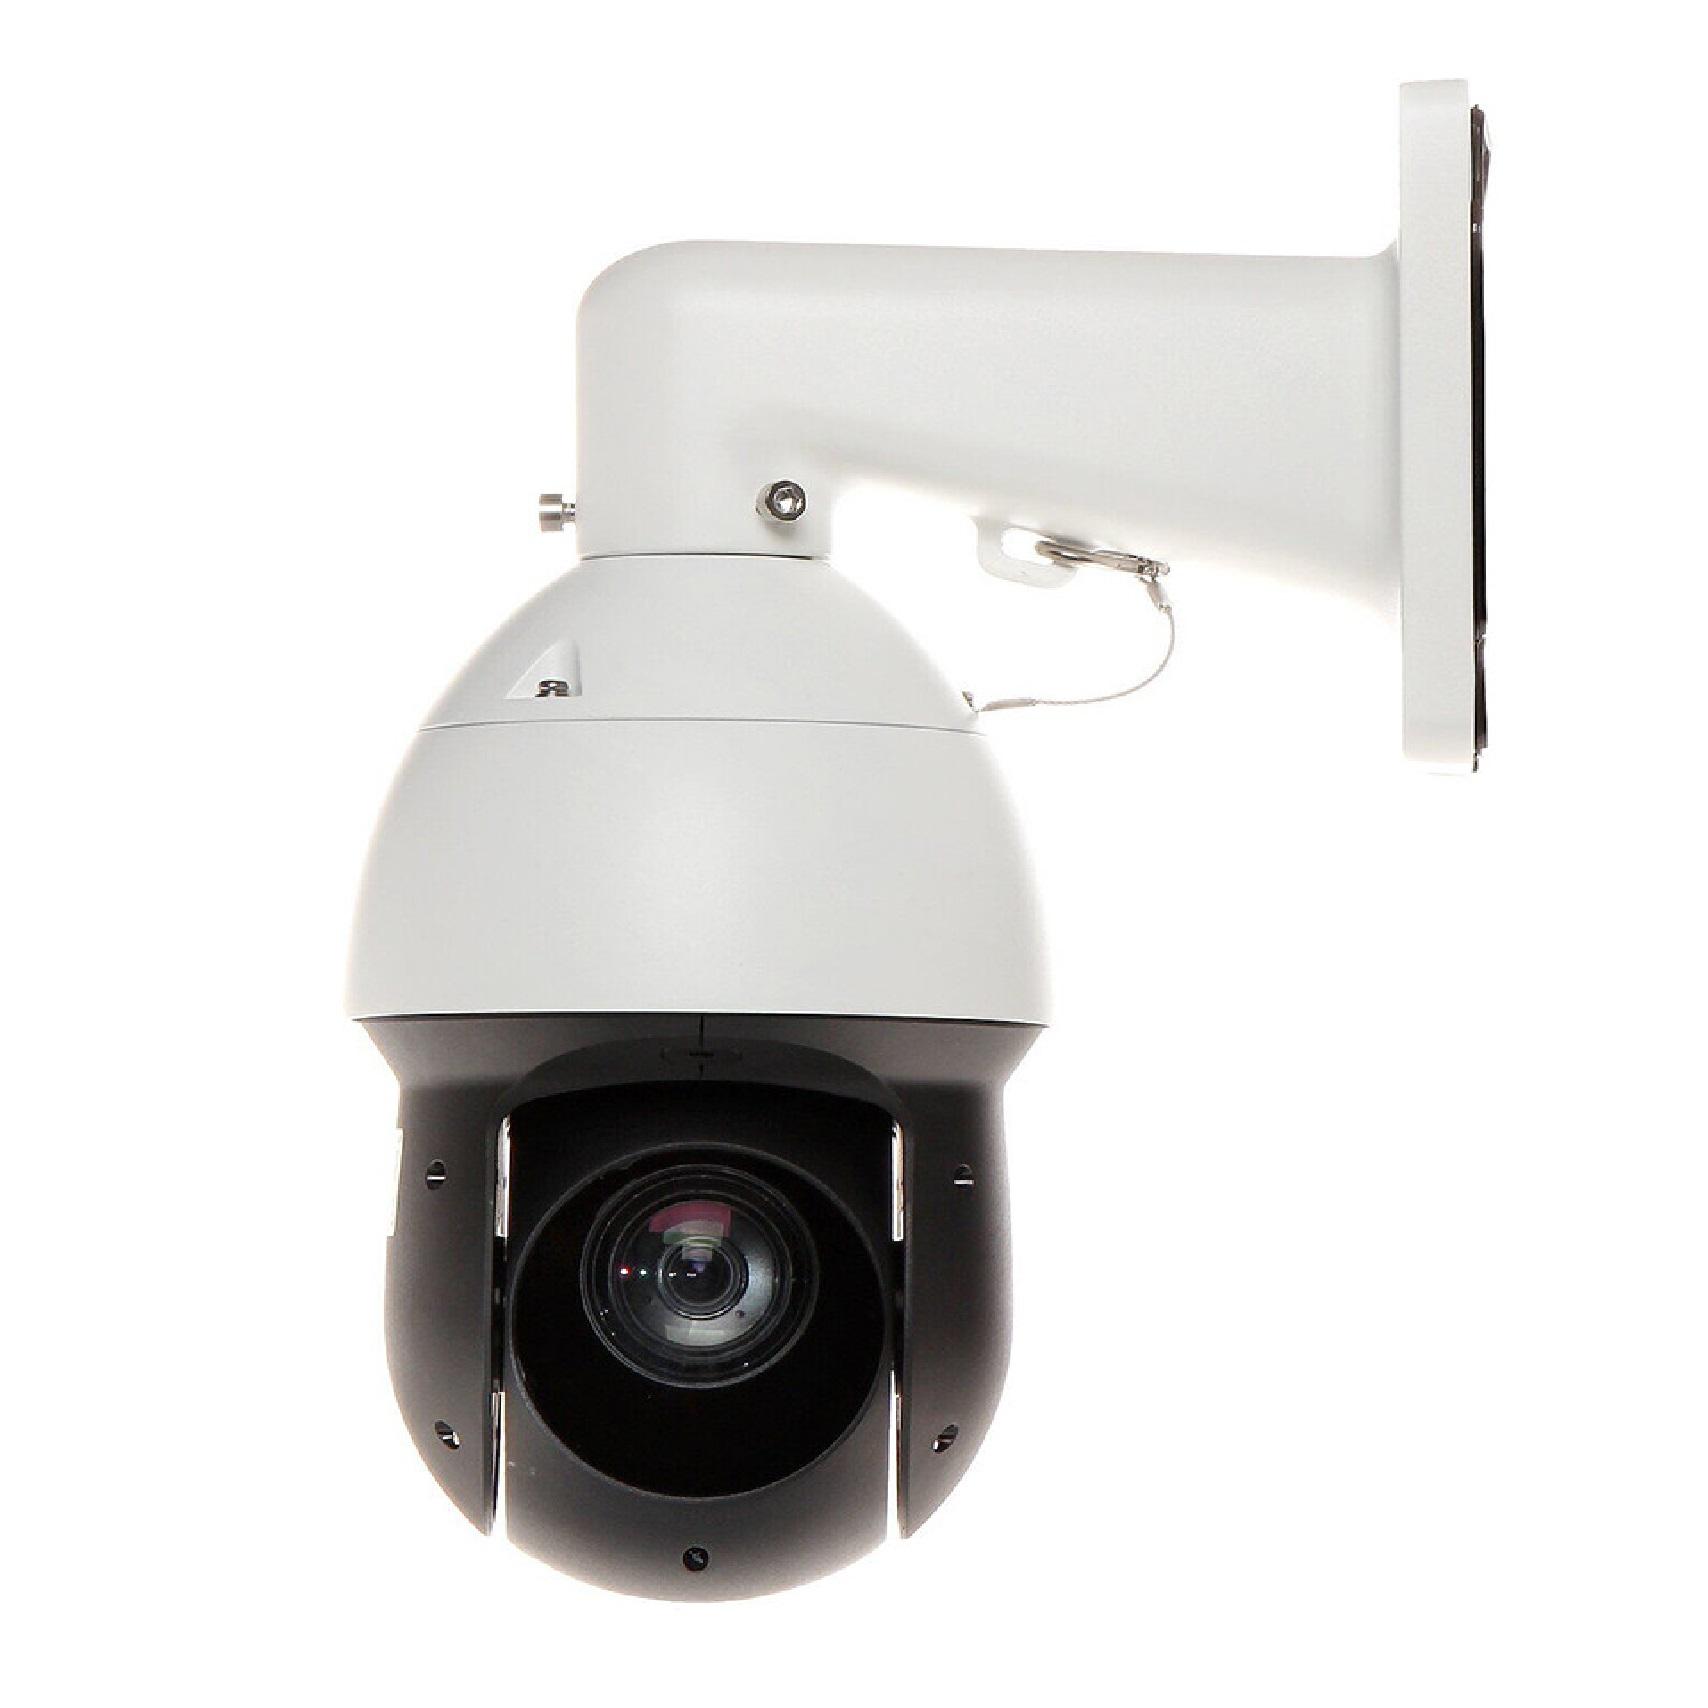 IP видеокамера dh-sd49425xb-hnr 1000 м обнаружение